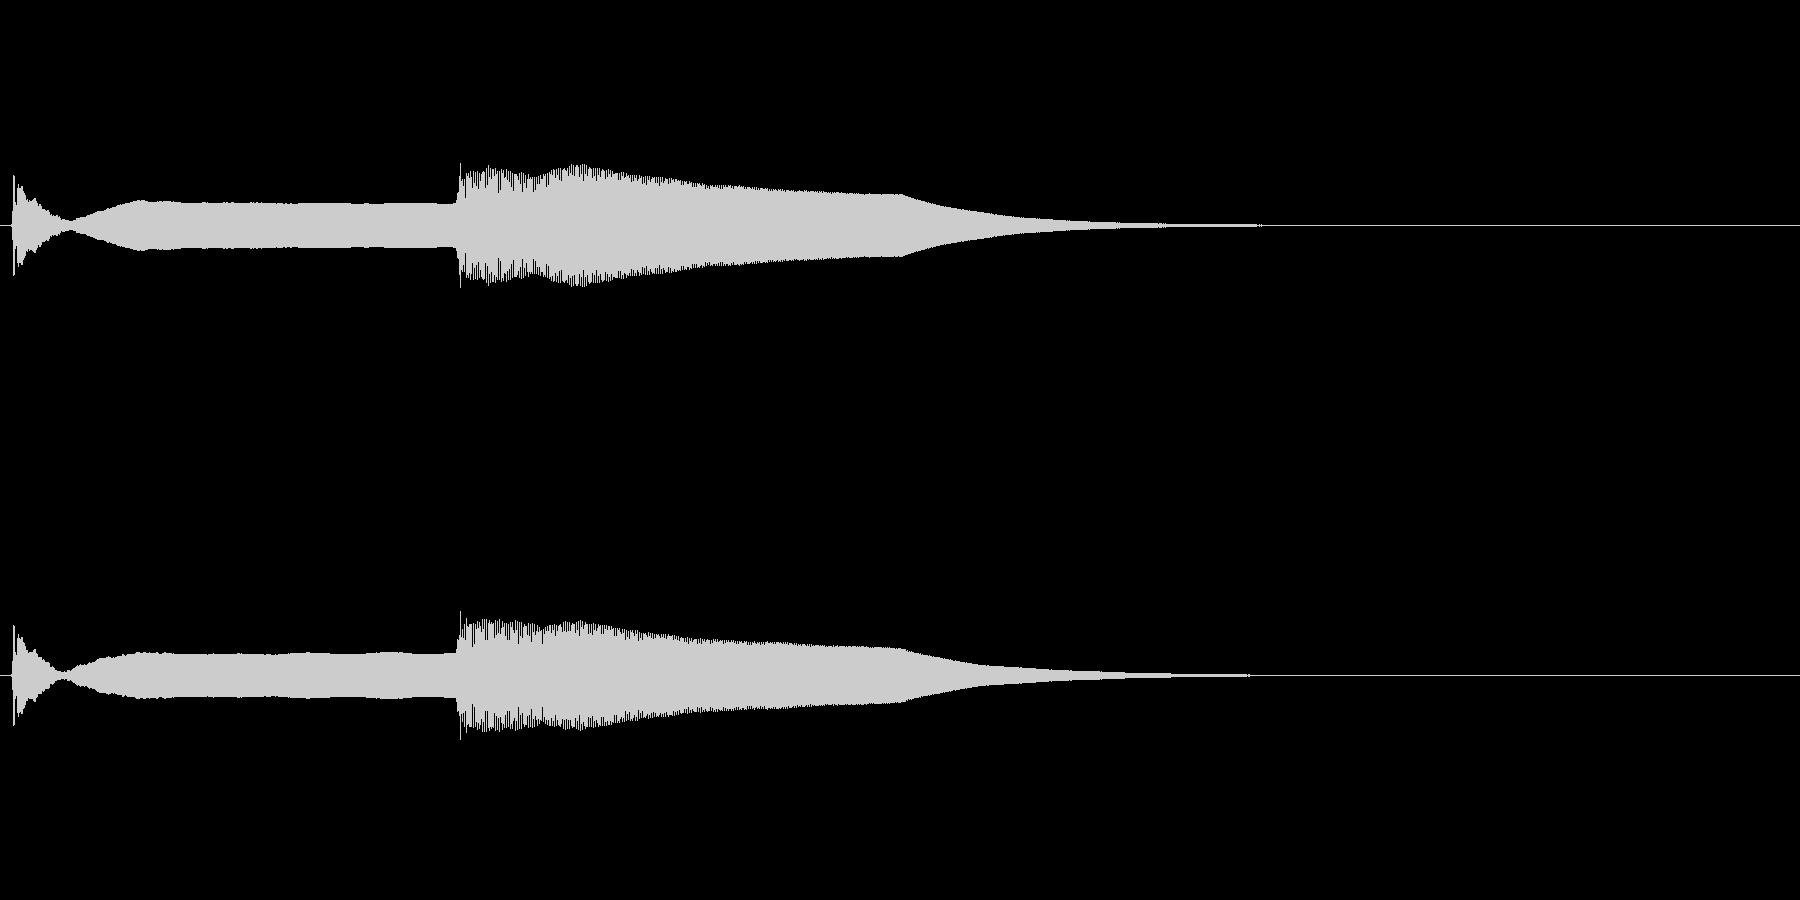 ピンポン (5)の未再生の波形